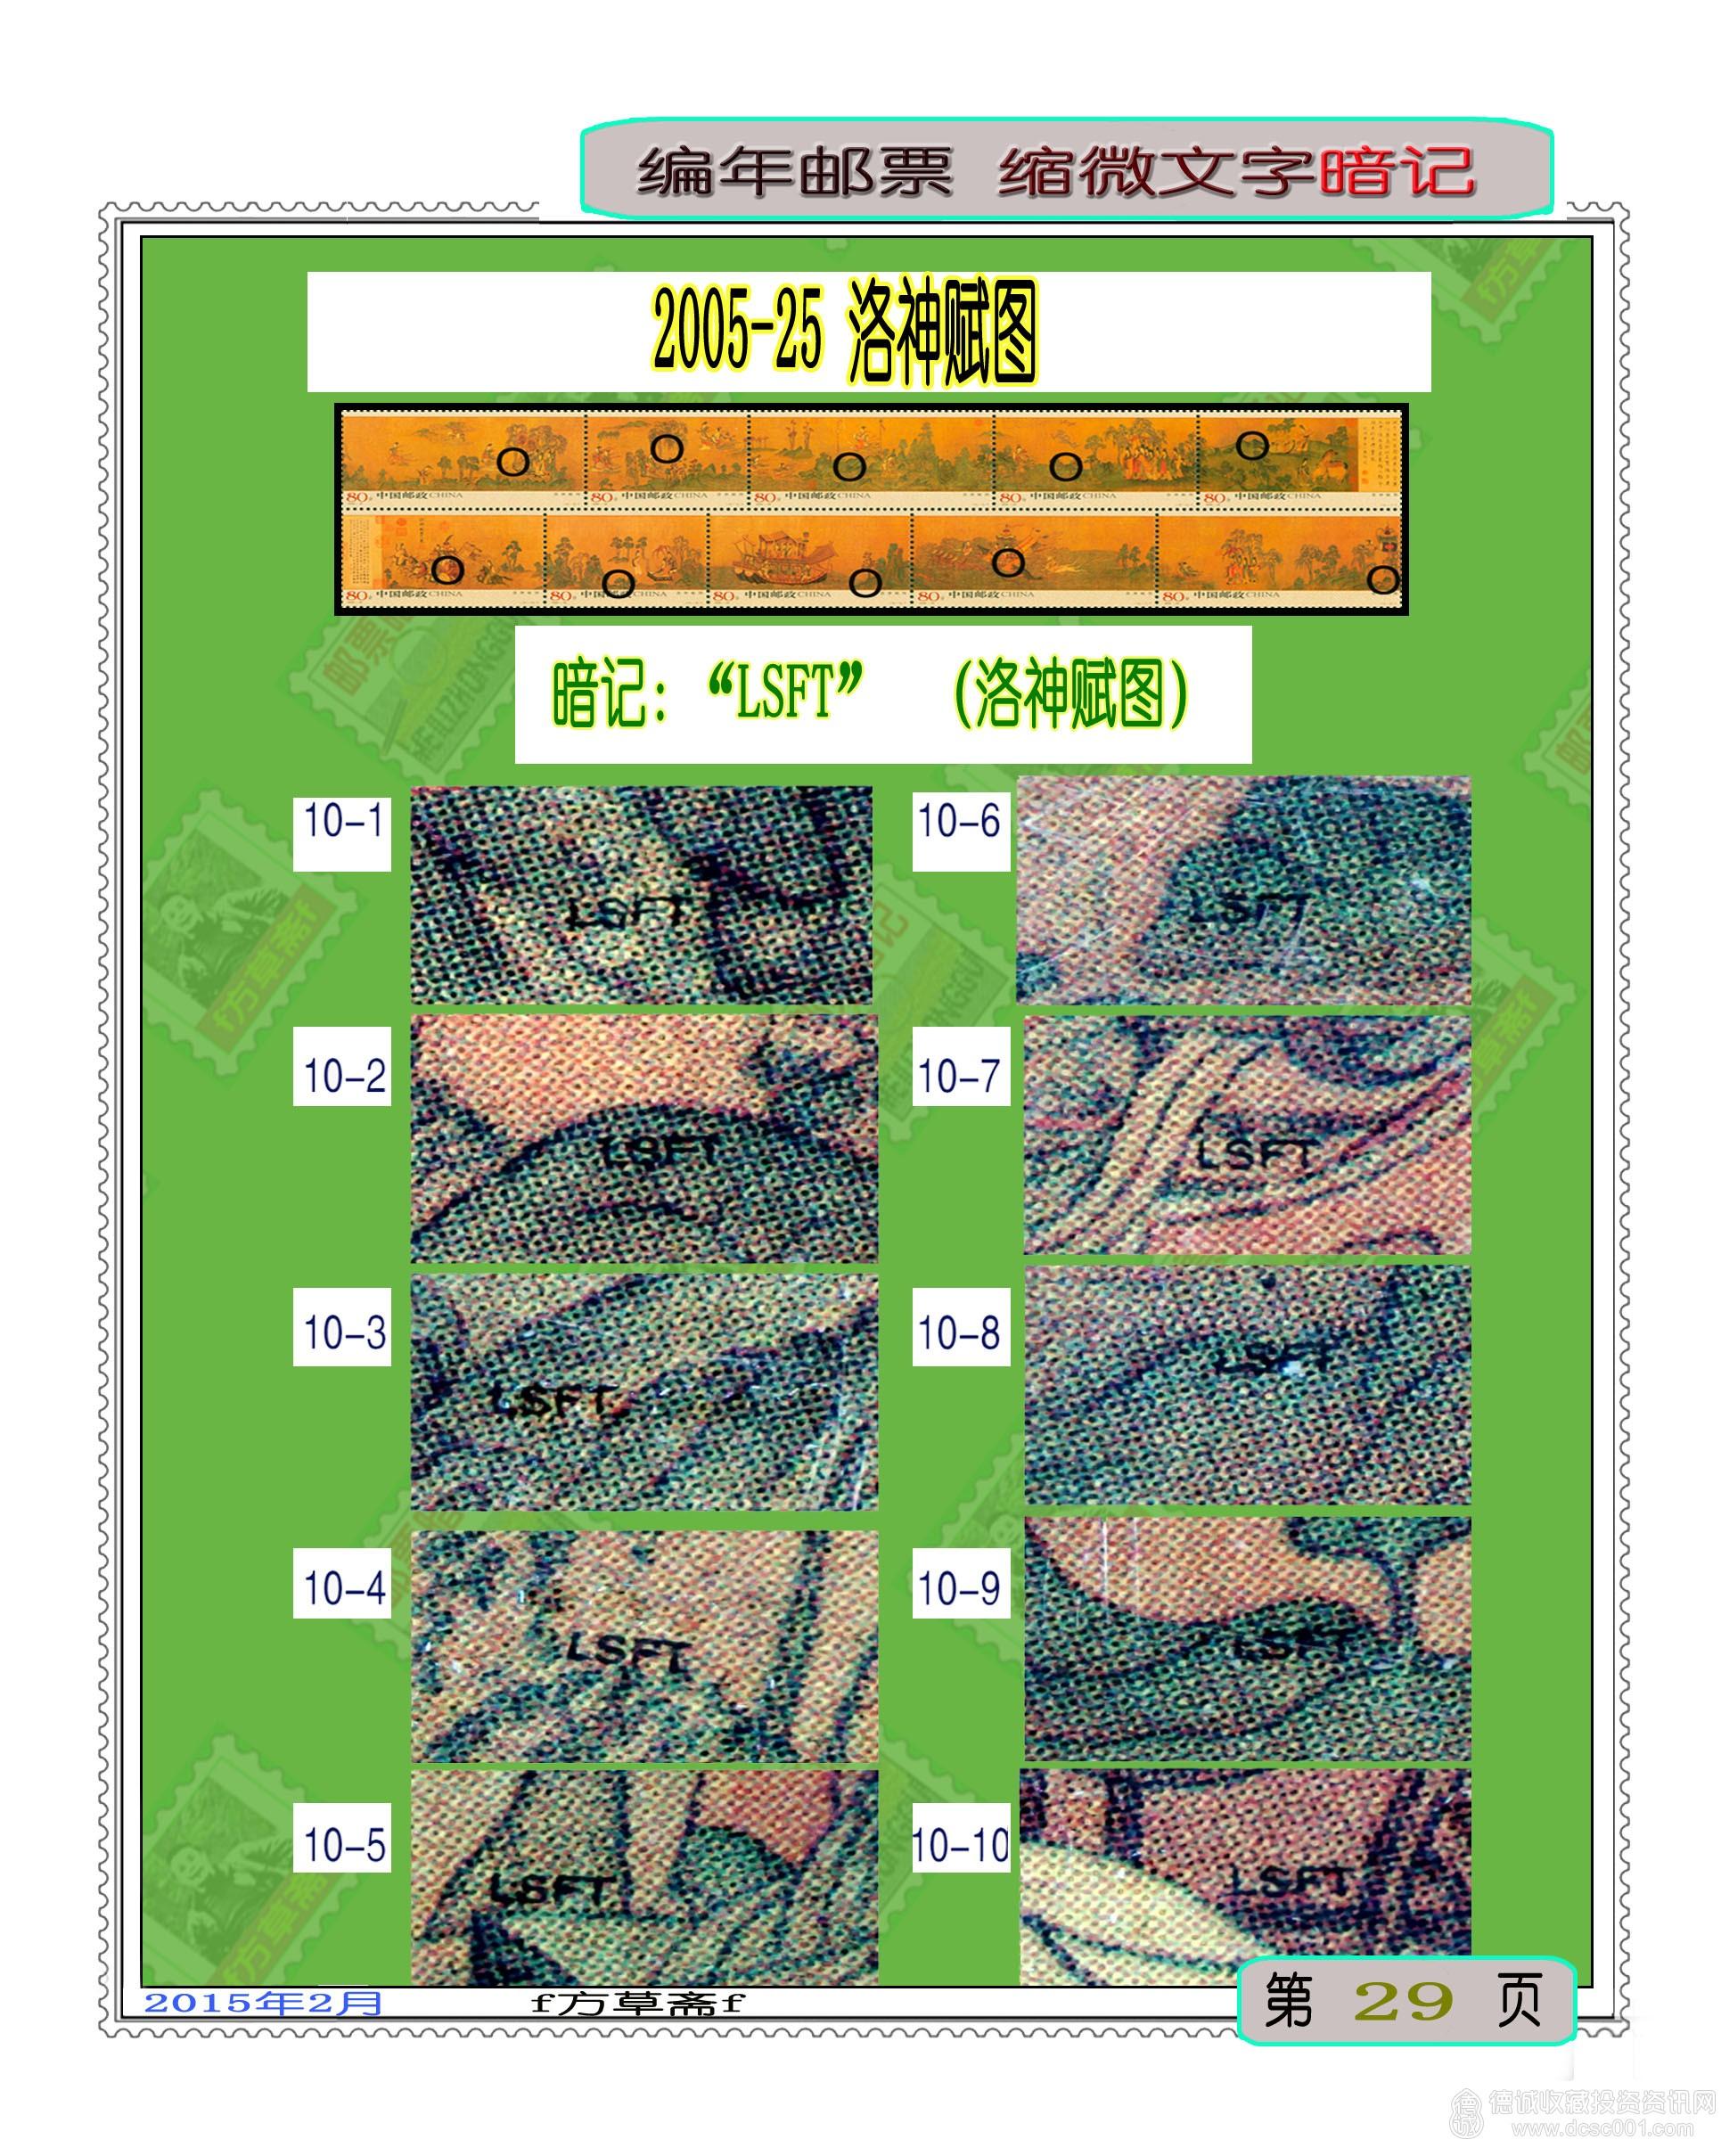 2005-25 洛神赋图.jpg